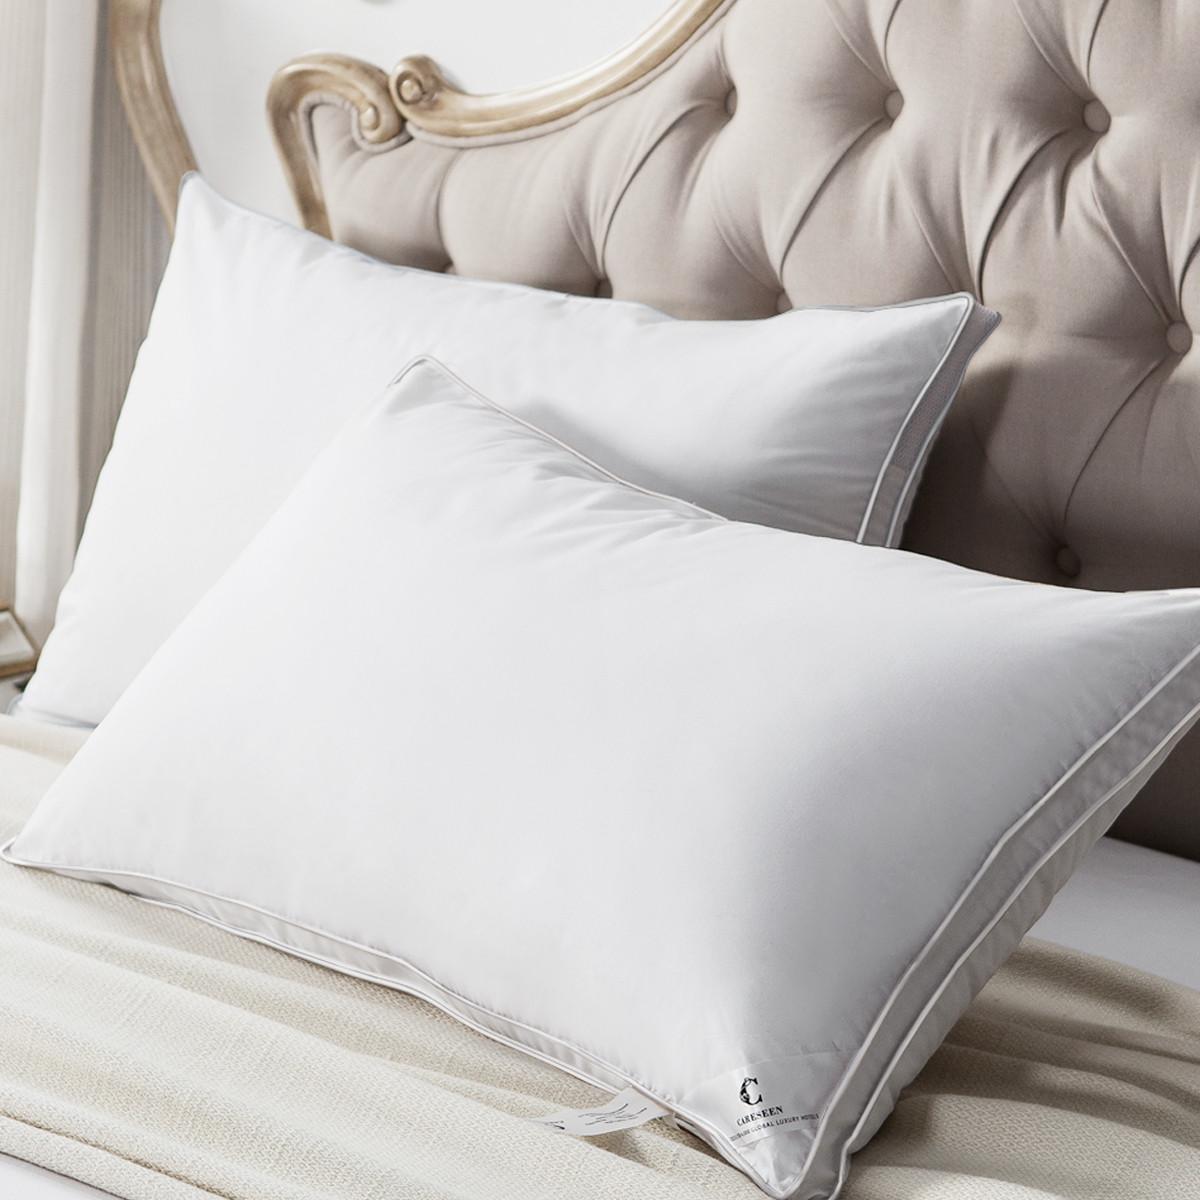 康尔馨五星级酒店枕头全棉面料柔软蓬松高弹透气纤维枕芯6925601503580